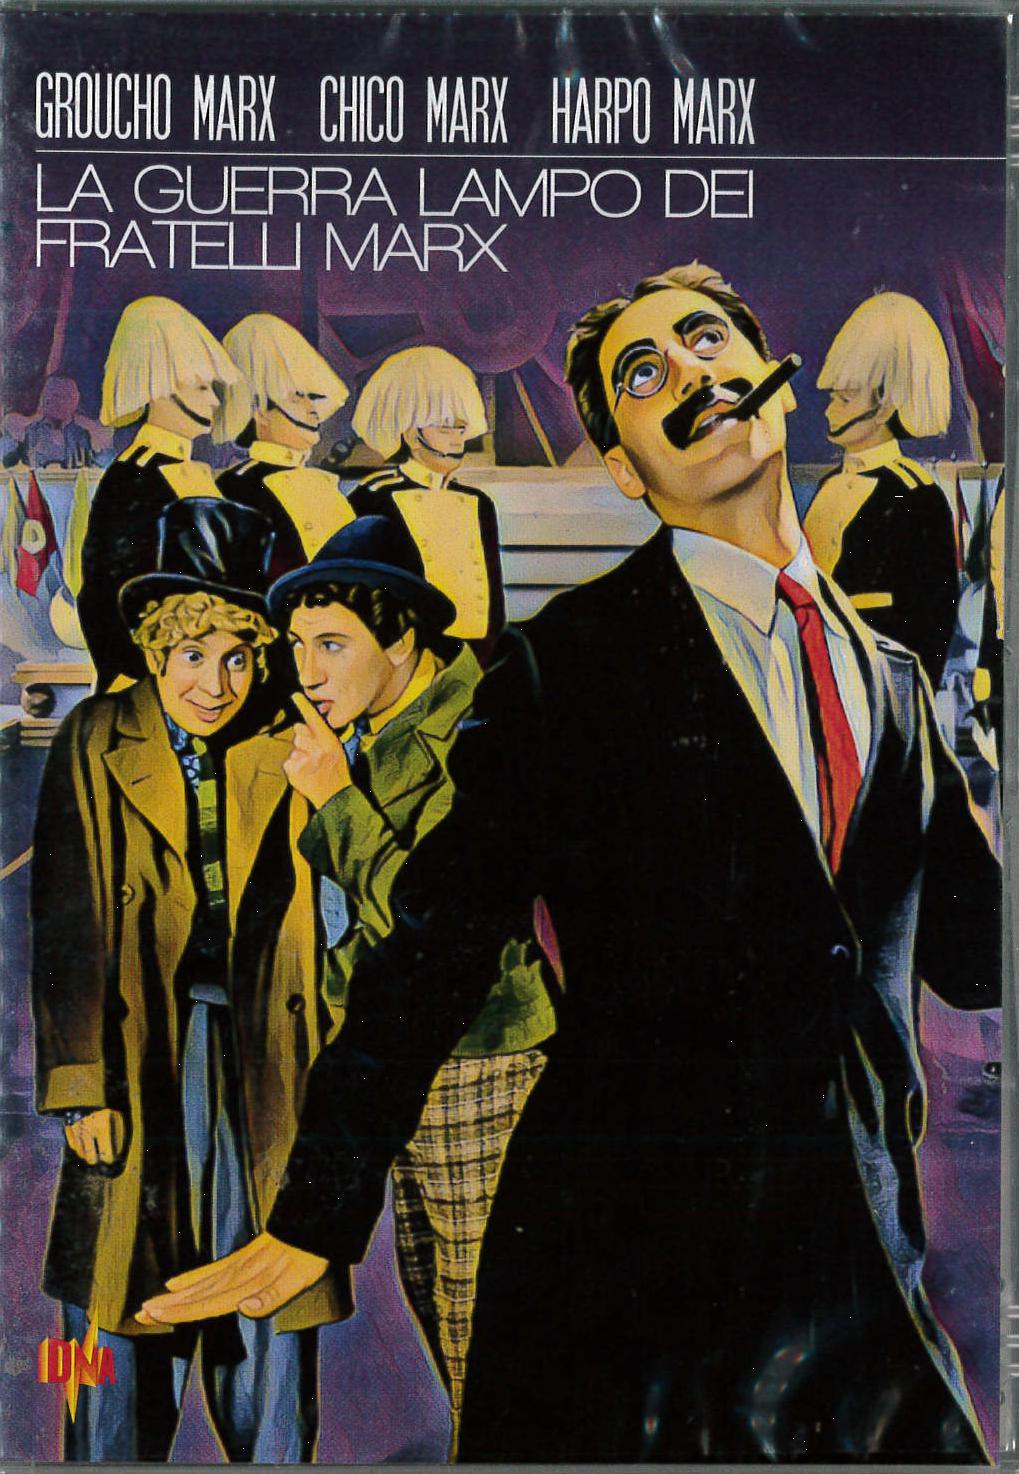 LA GUERRA LAMPO DEI FRATELLI MARX (DVD)